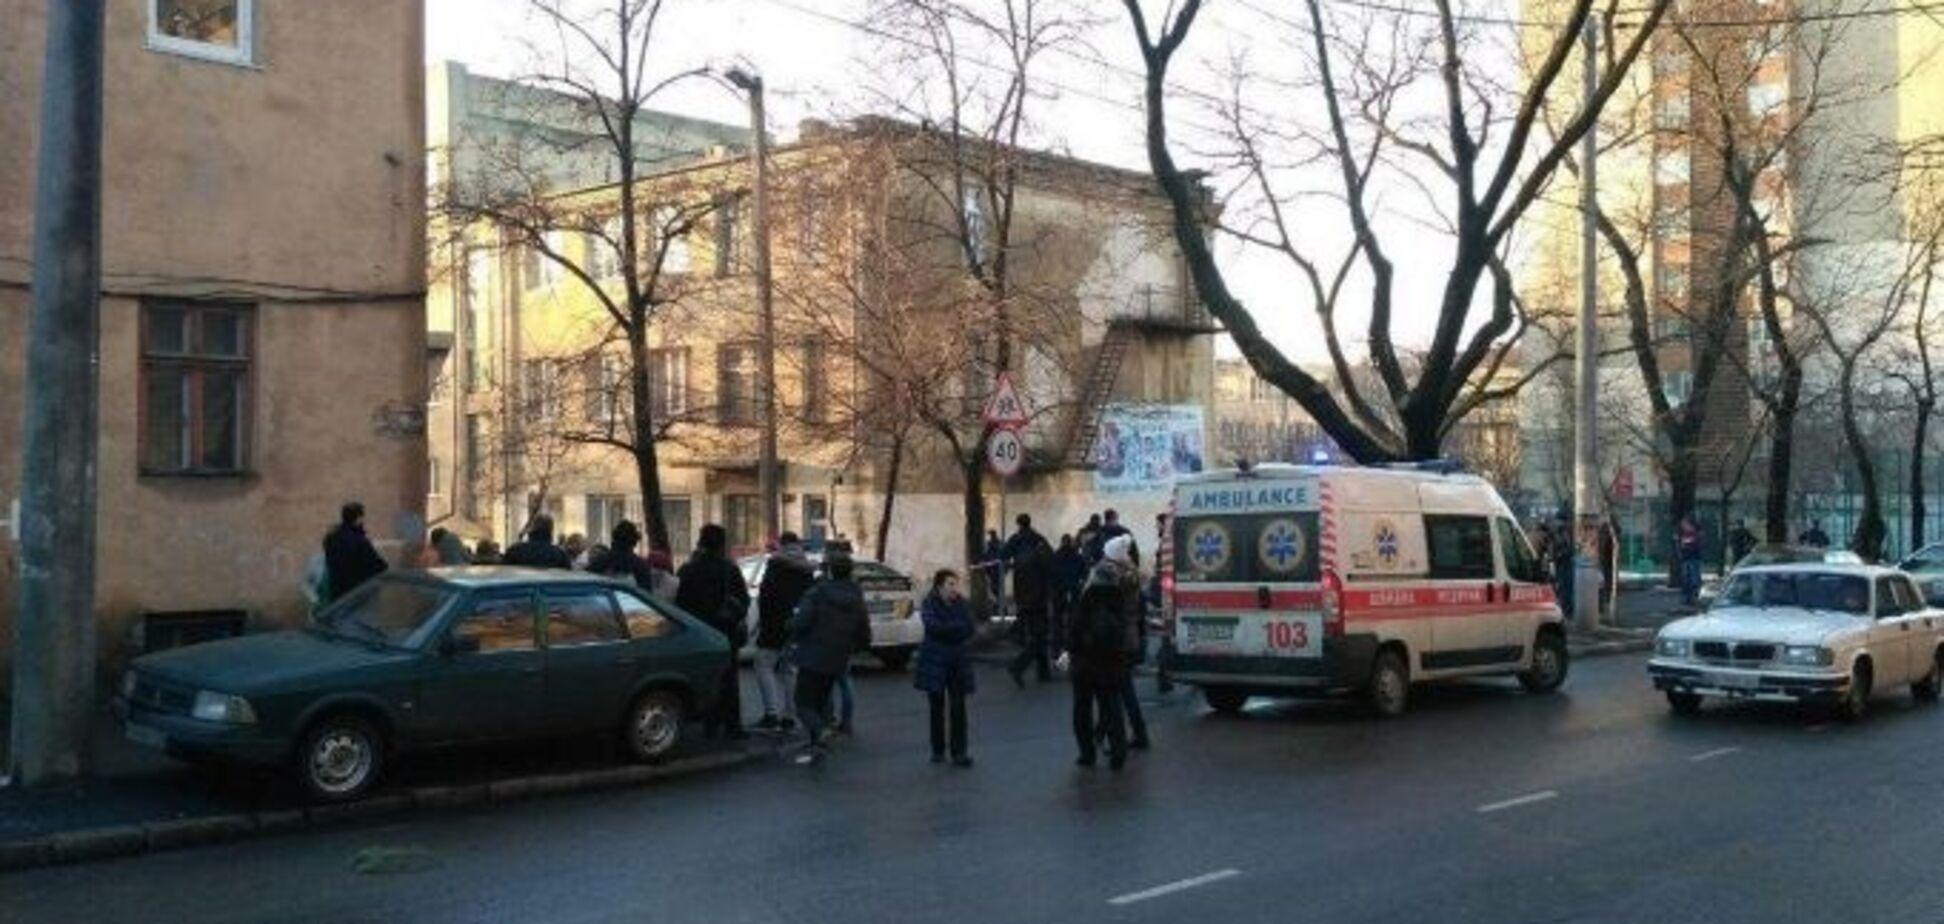 'Как терминатор': очевидец рассказал детали смертельной перестрелки с копами в Одессе